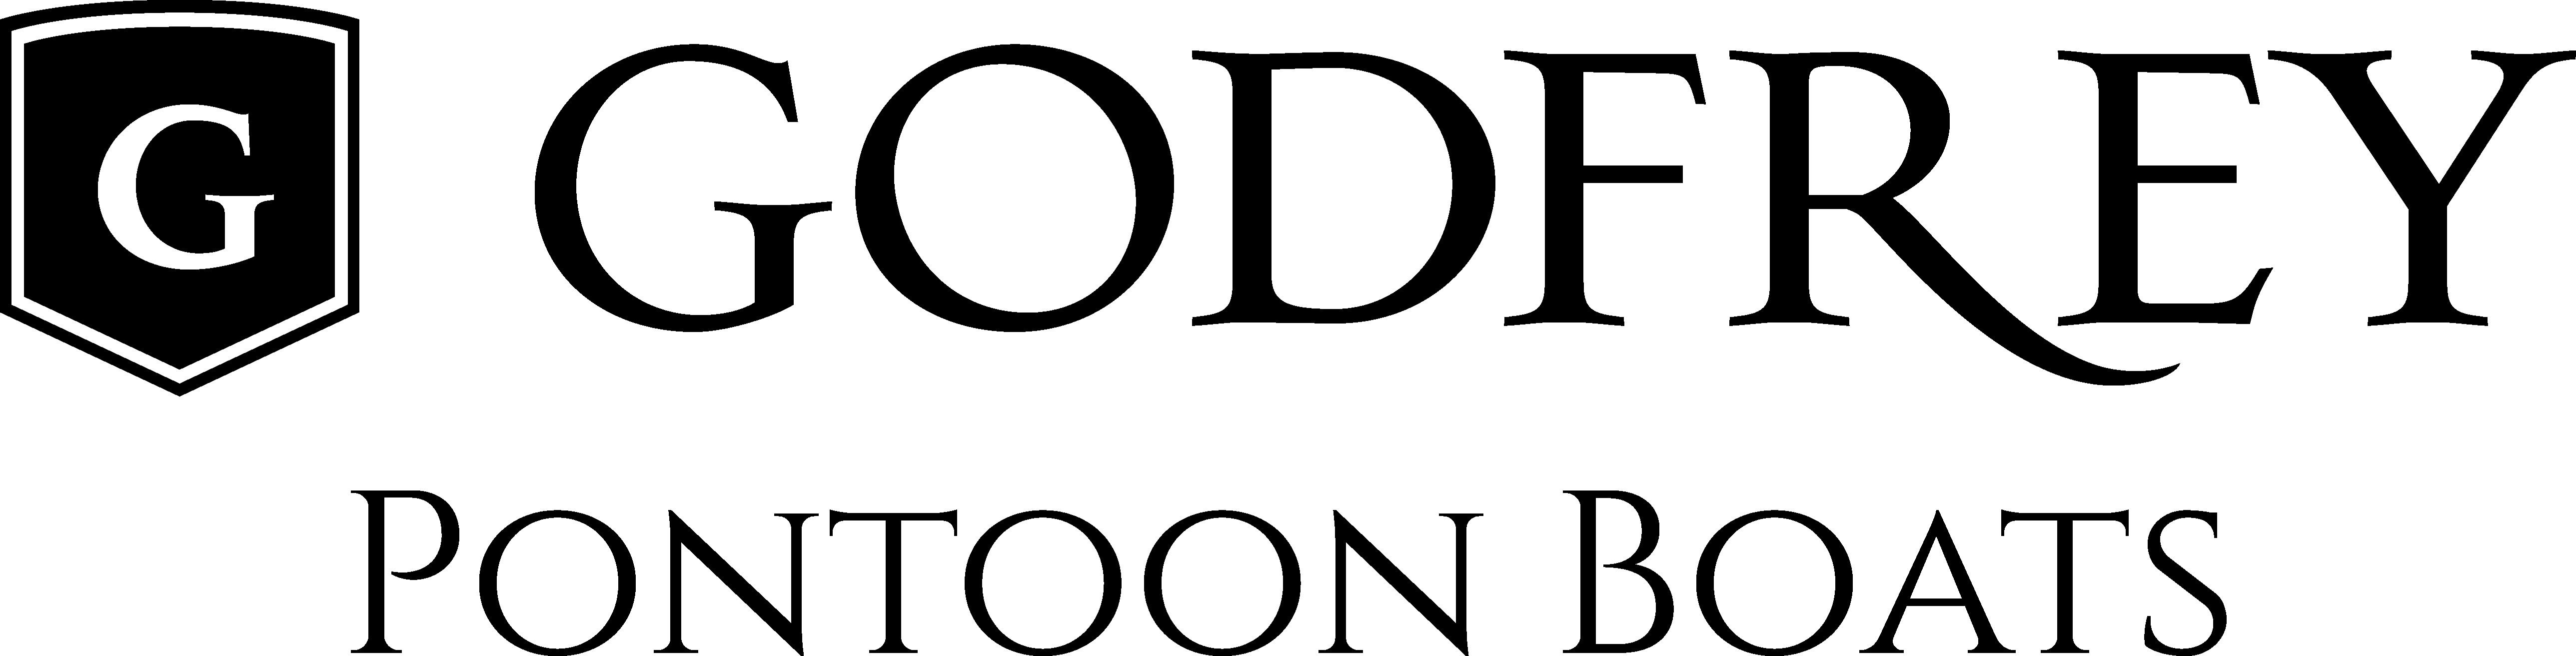 Godfrey brand logo